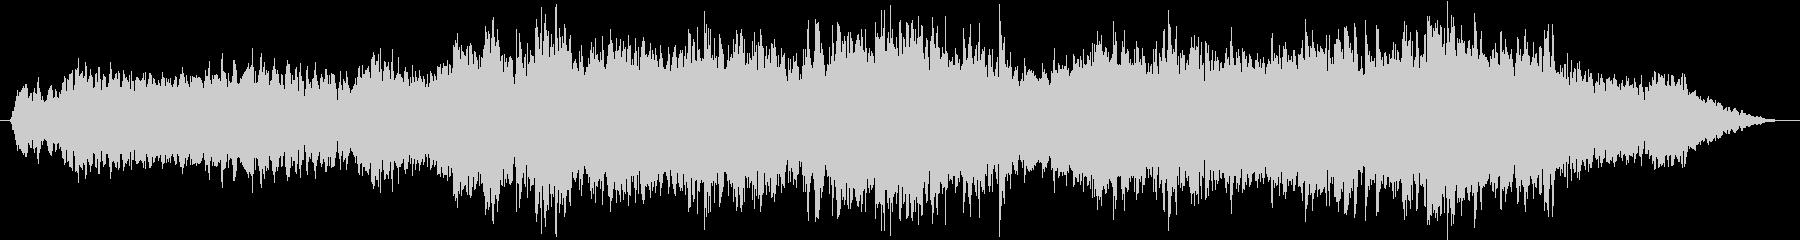 ヒーリング、幻想的なアンビエントピアノ曲の未再生の波形